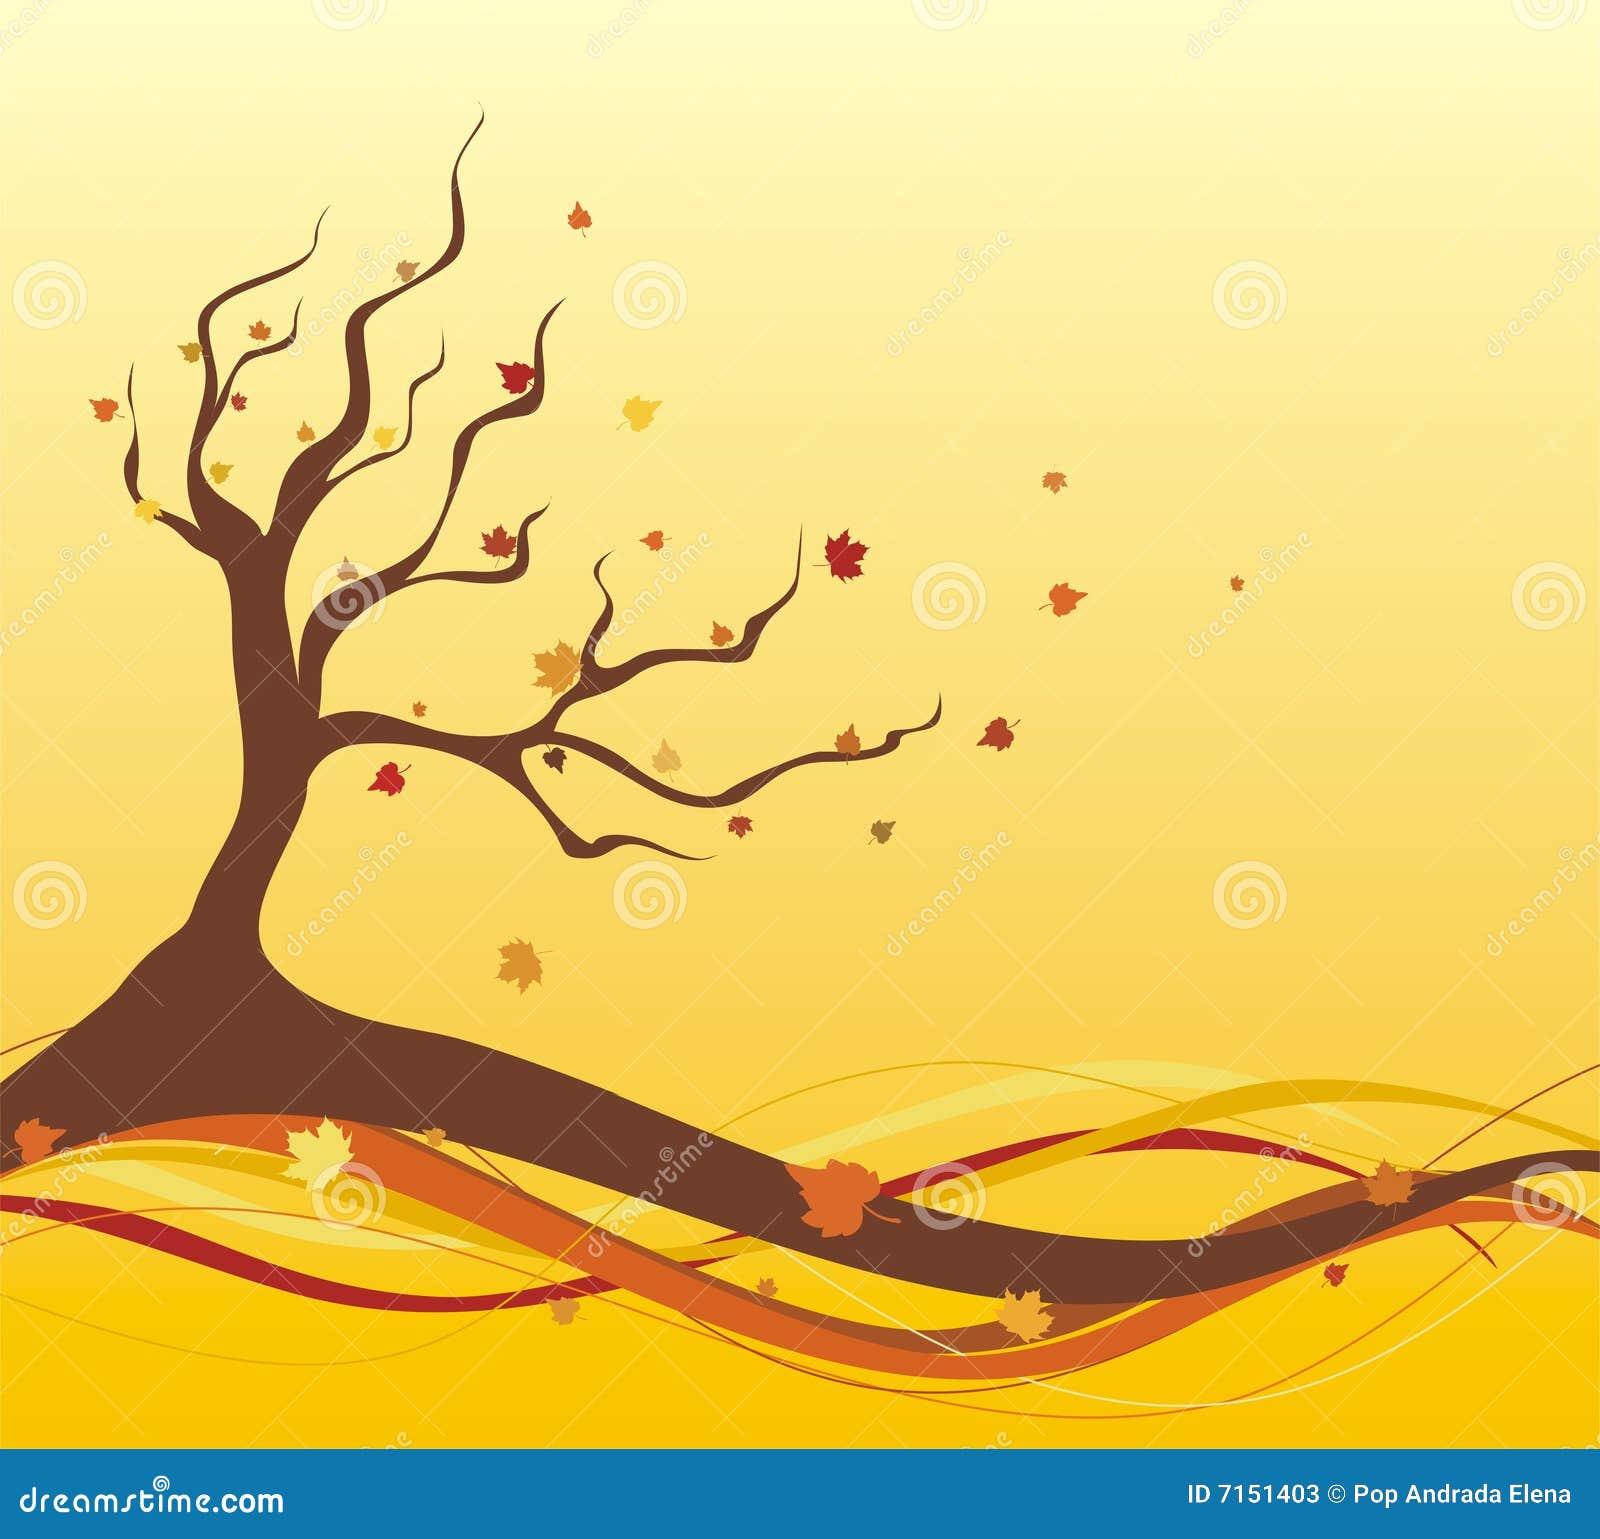 Ilustración del otoño